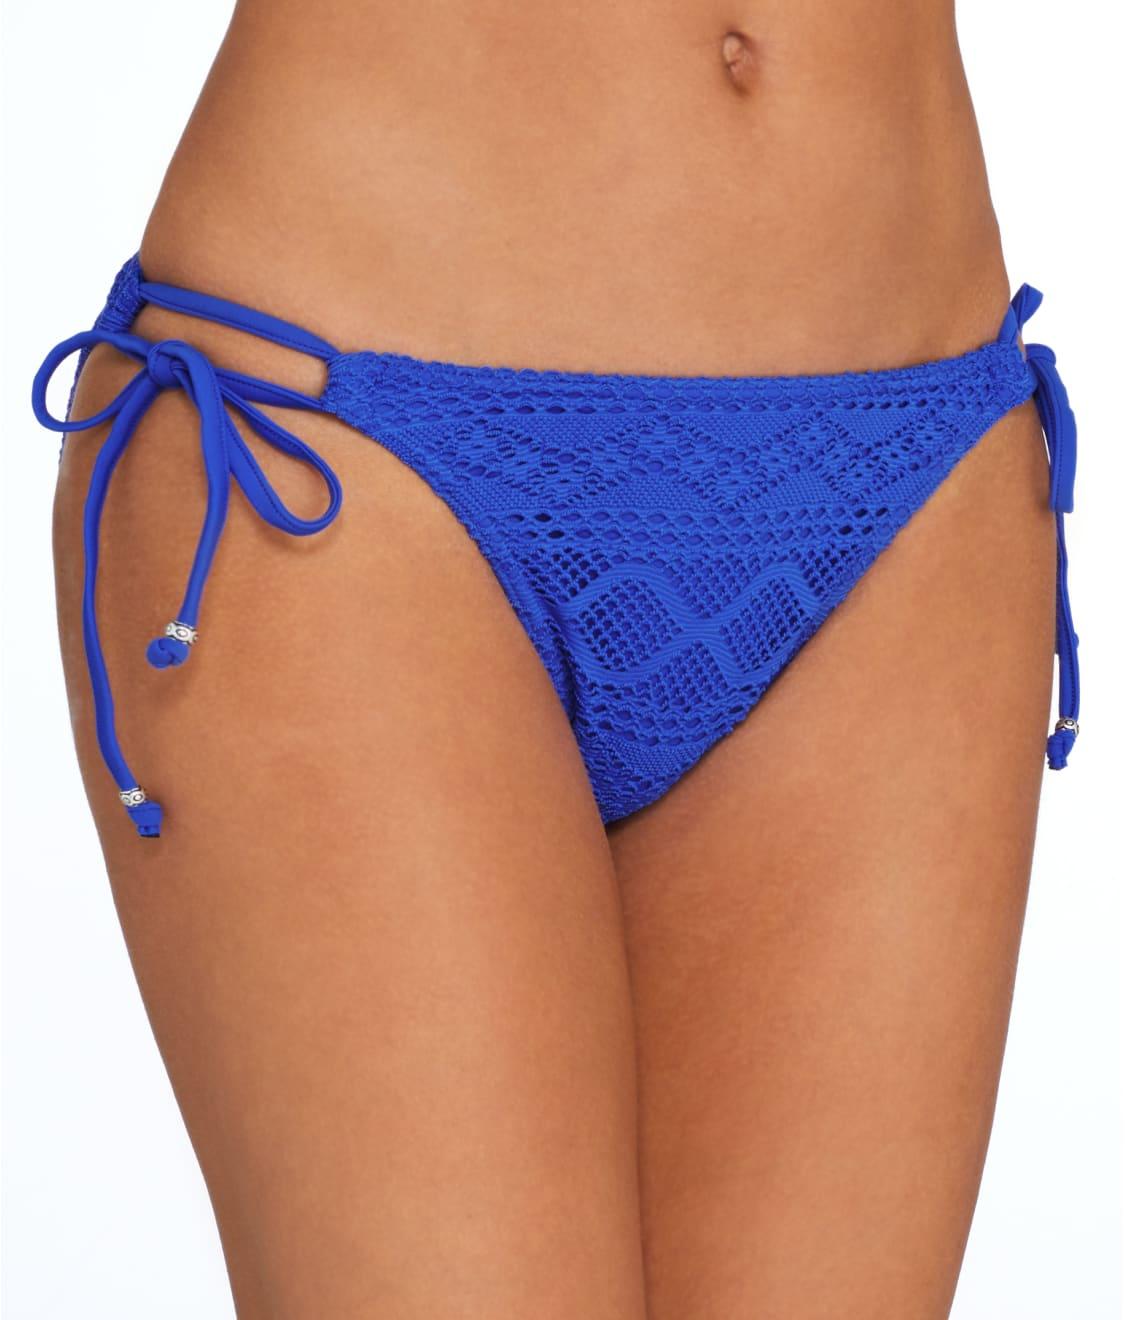 48f8da38da120 Freya Sundance Rio Side Tie Bikini Bottom   Bare Necessities (AS3975)